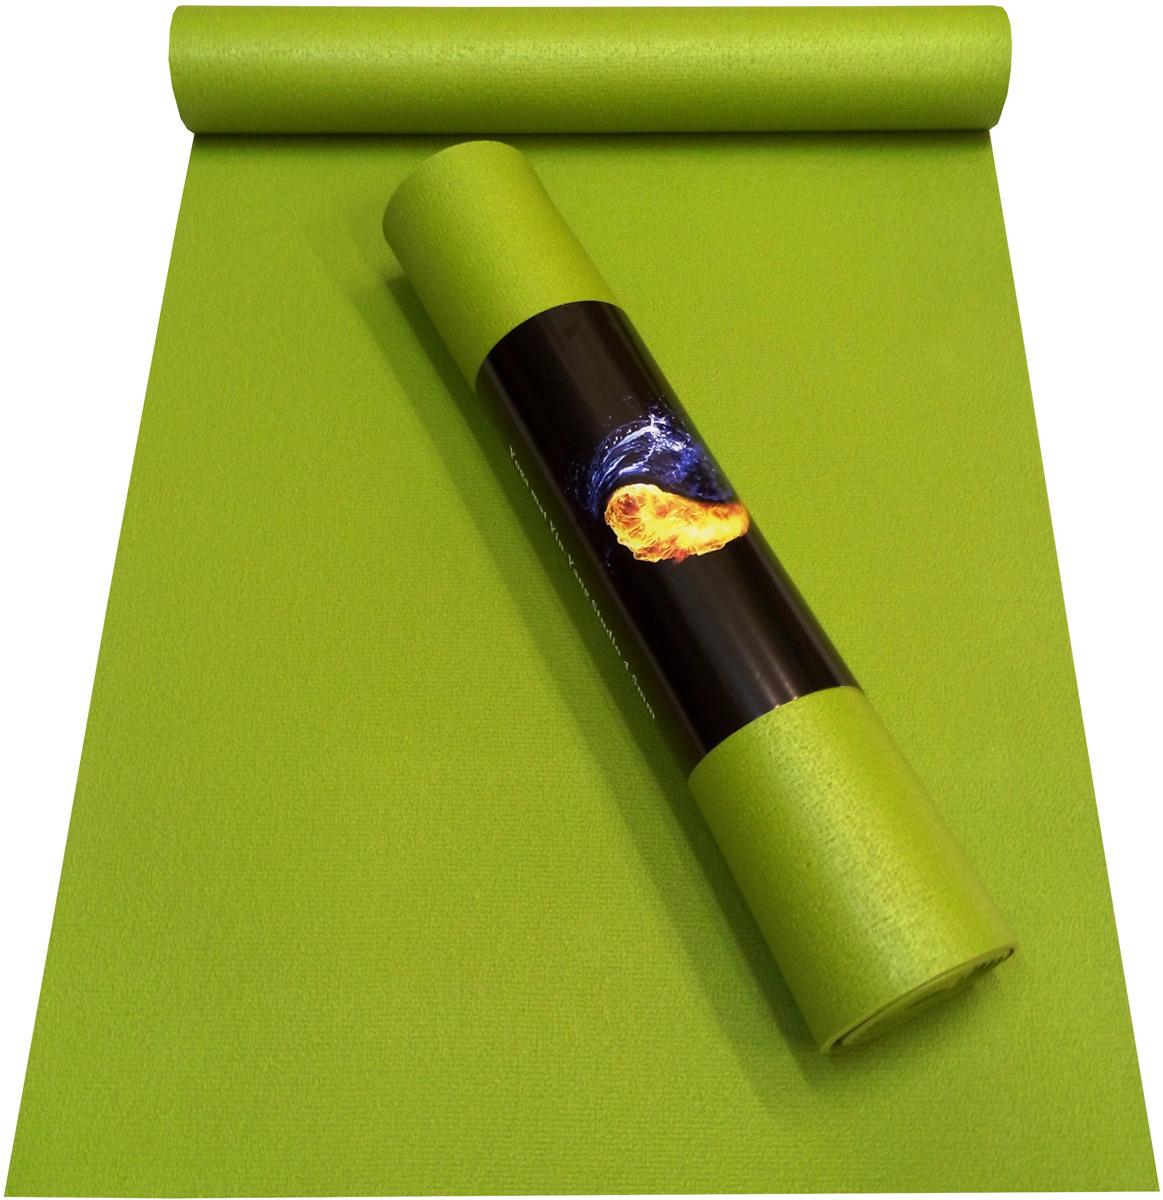 Коврик для йоги детский Ako-Yoga Yin-Yang Studio, цвет: зеленый, 150 х 60 х 0,45 см коврик для йоги ako yoga yin yang studio цвет синий 185 х 60 х 0 45 см